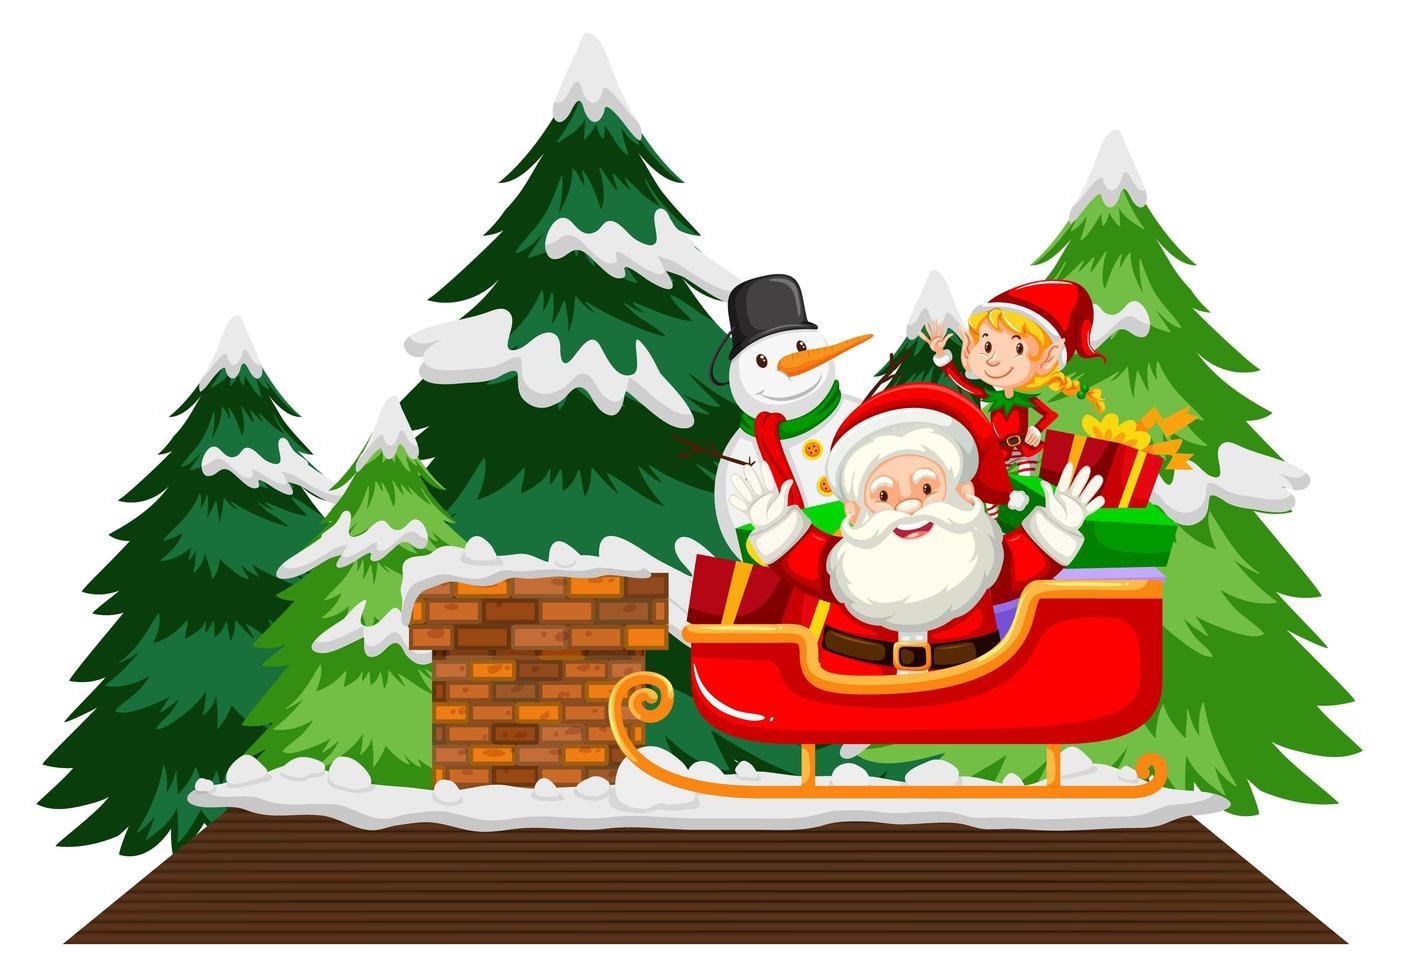 père noël sur traîneau avec bonhomme de neige et arbres vecteur